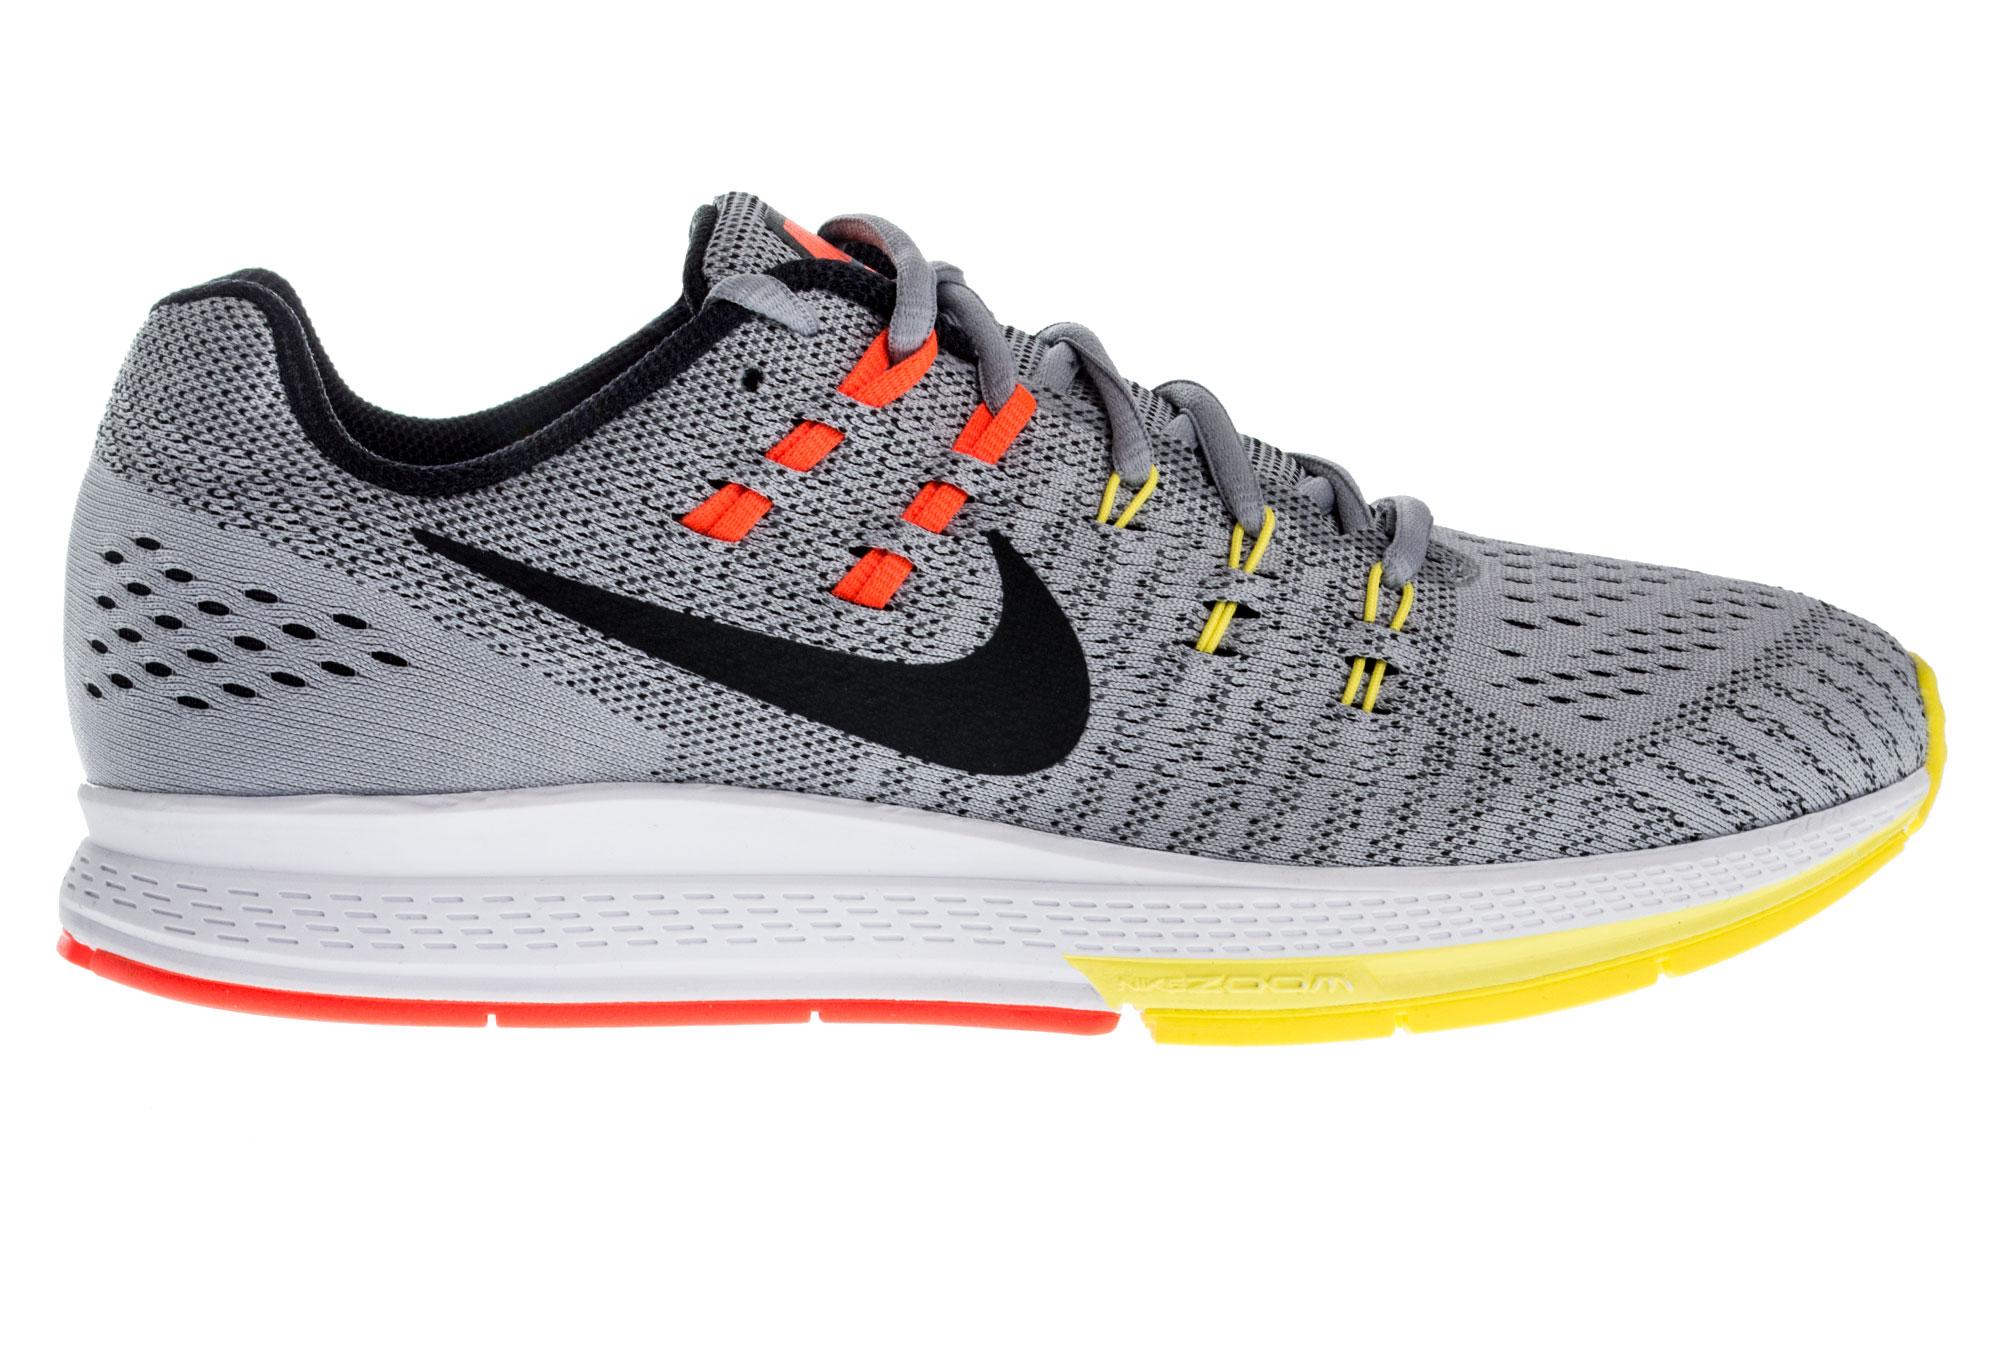 Nike lanzó unas zapatillas que se ajustan al pie a través de